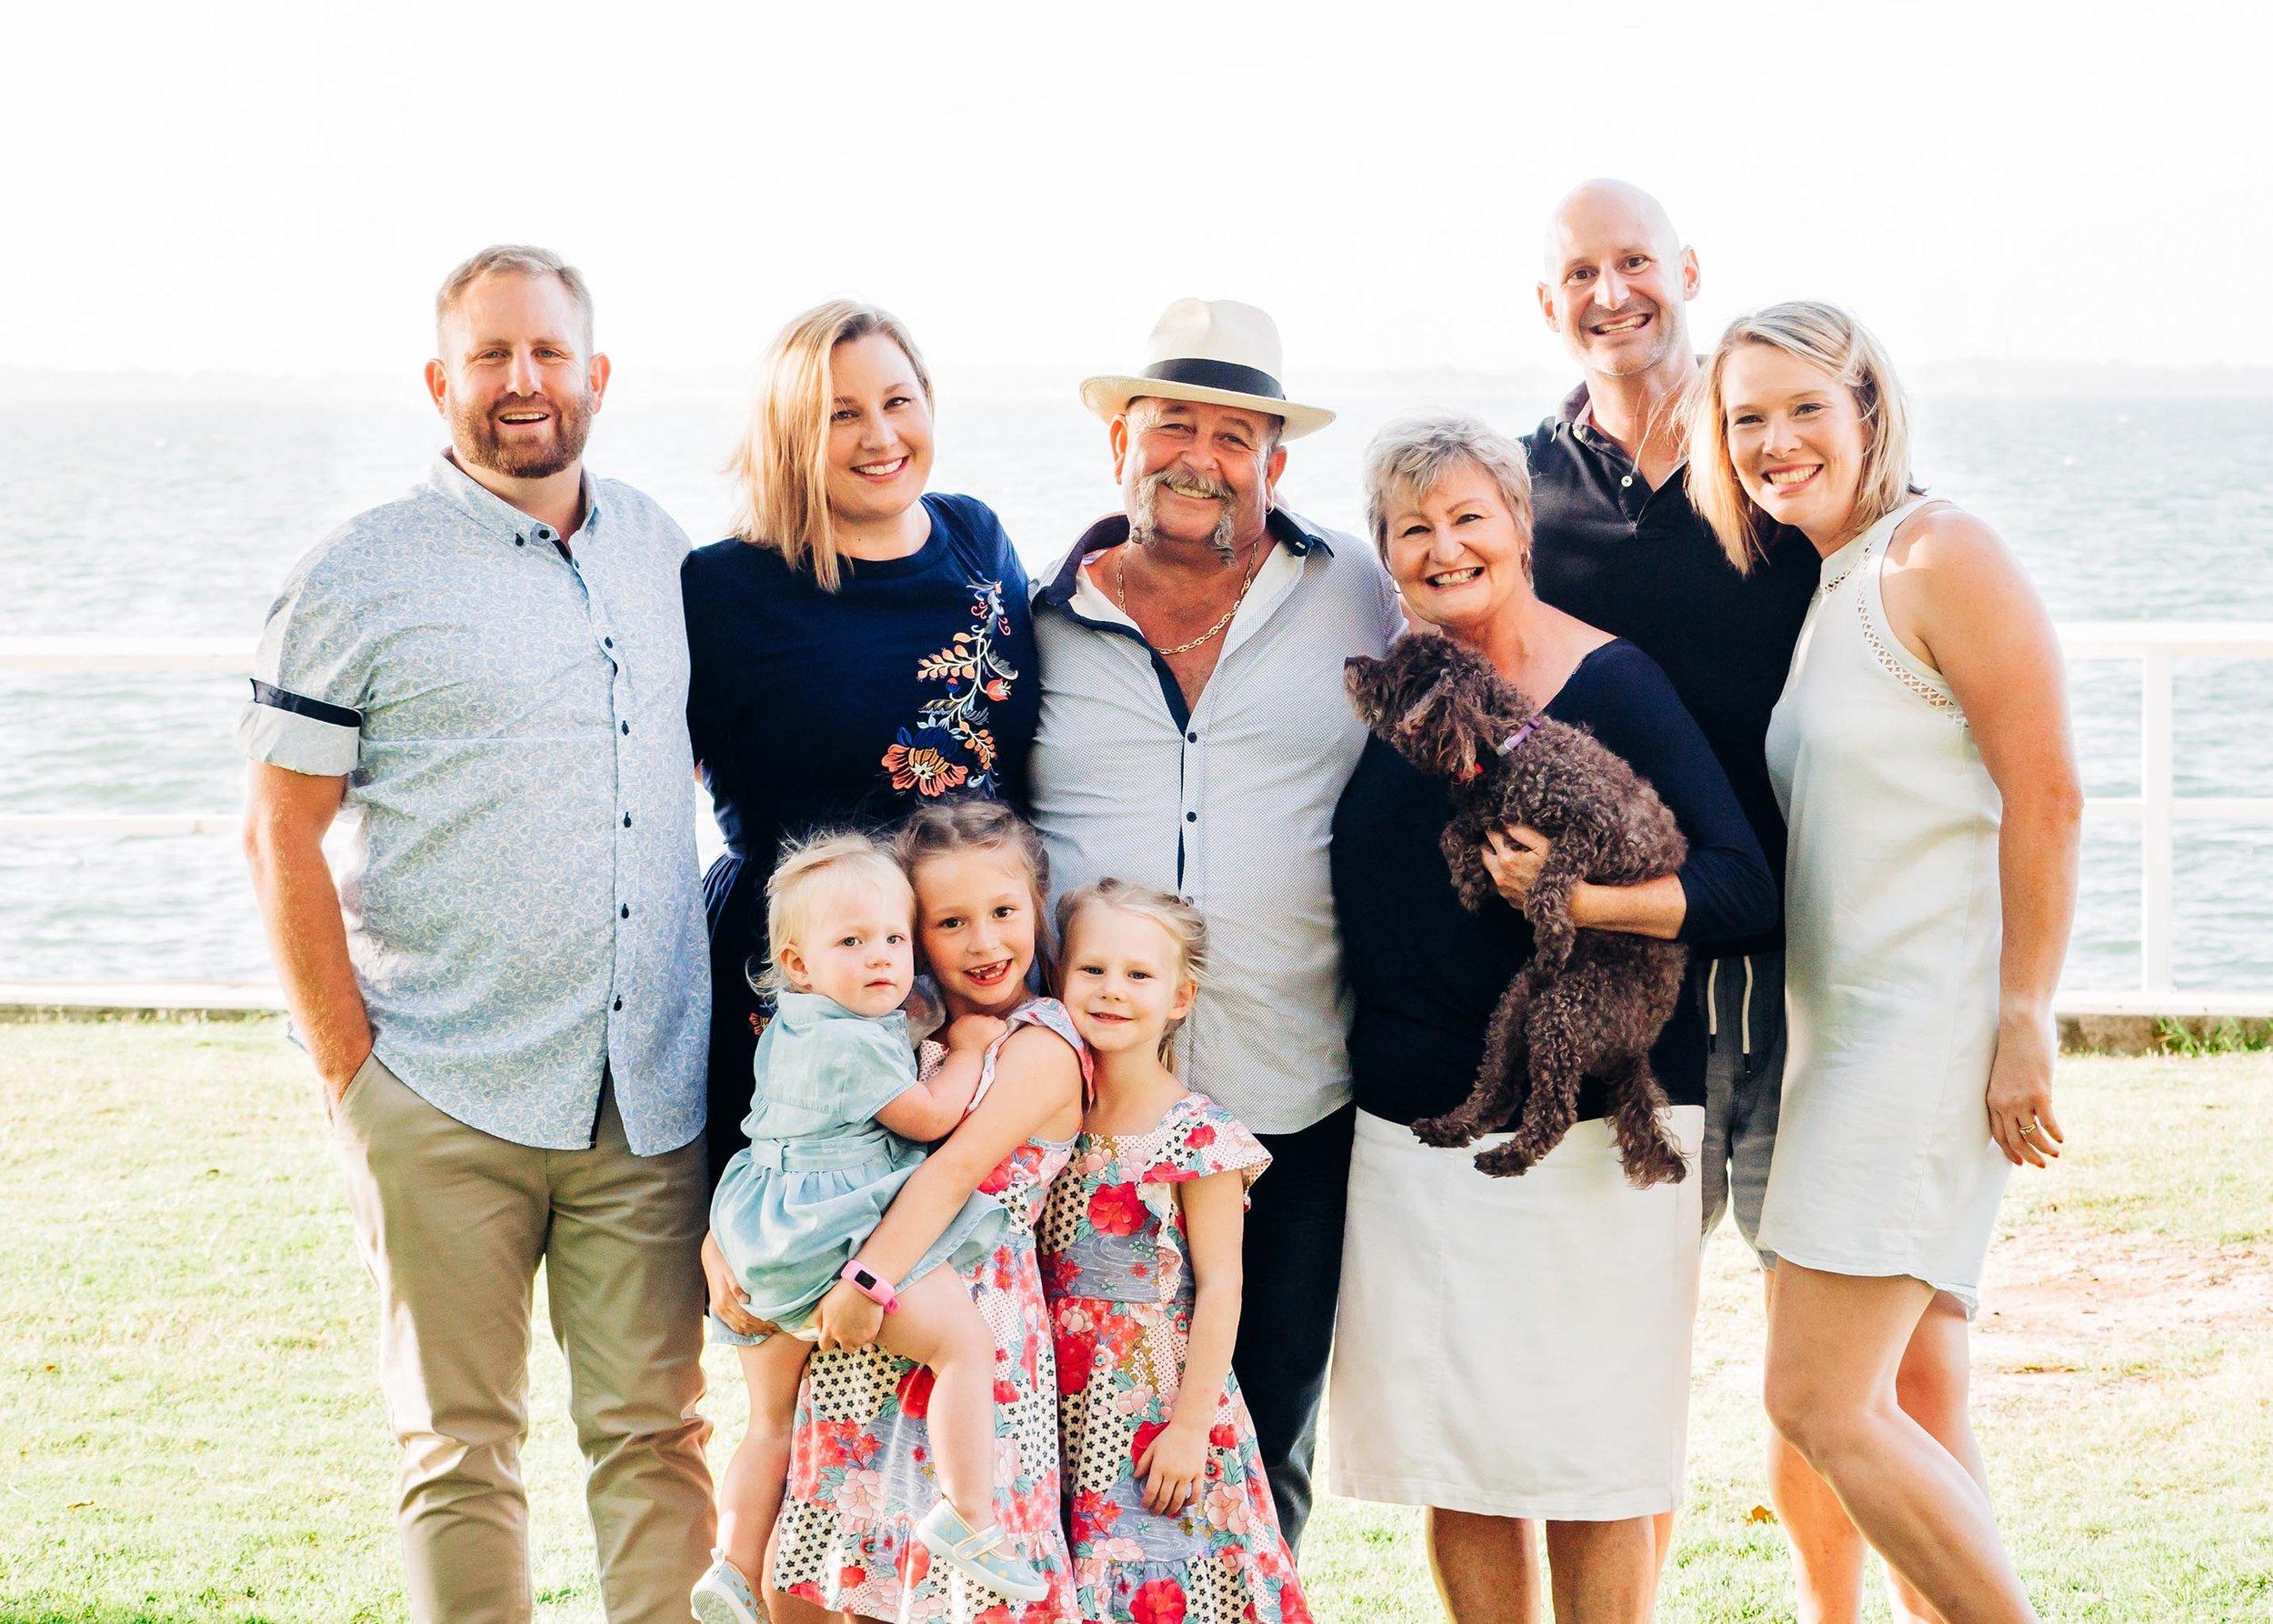 family-photography-brisbane-sunshinecoast.jpg